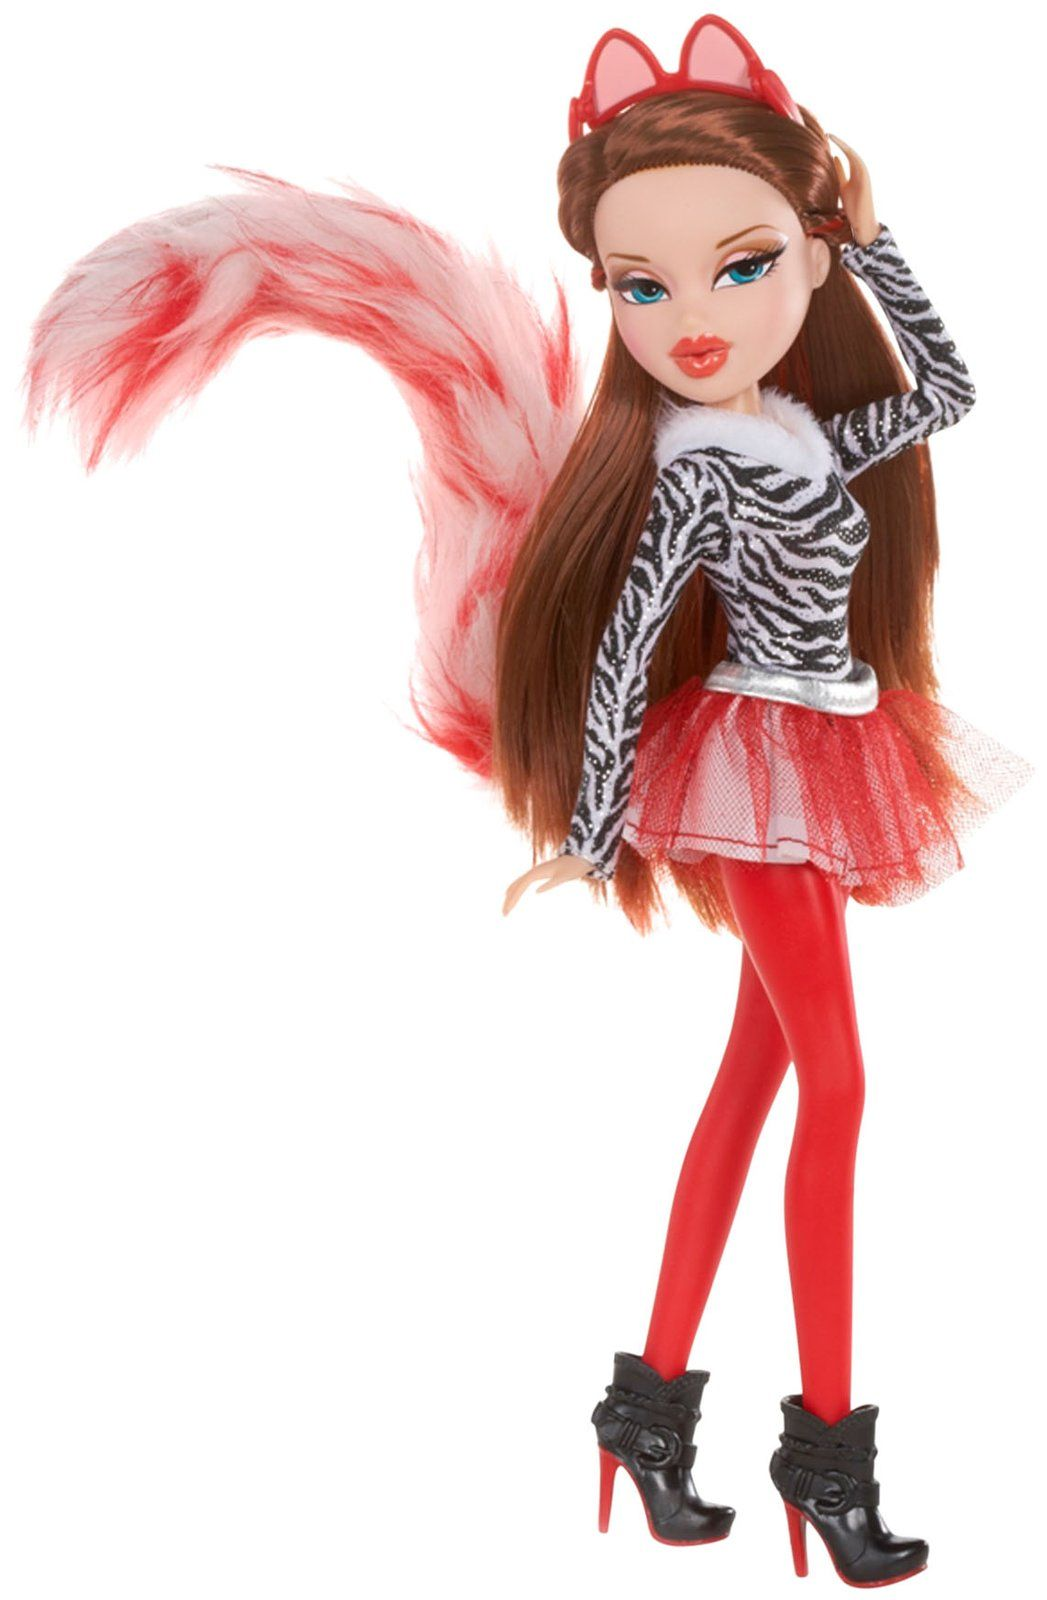 bratz kool catz doll meygan free shipping dolls 2